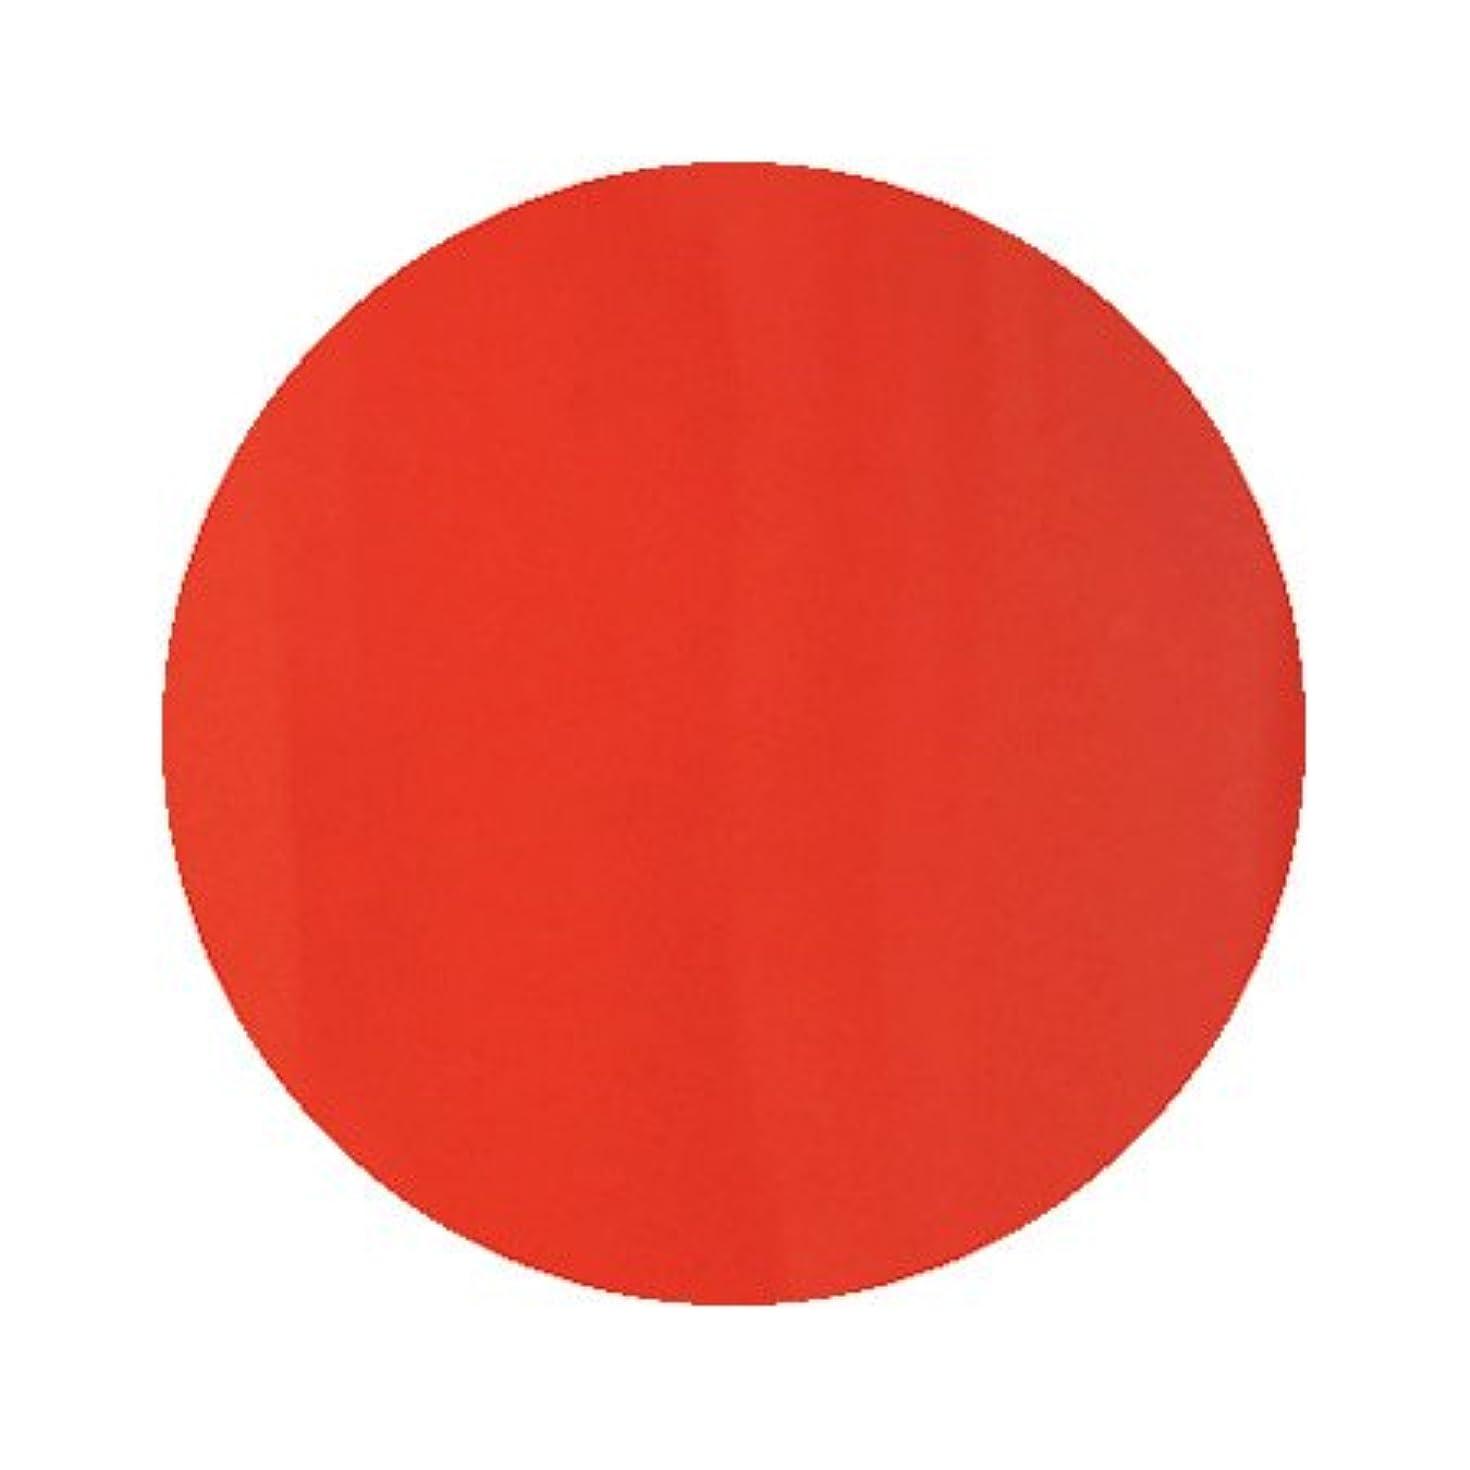 ゴシップテメリティ箱パラポリッシュ ハイブリッドカラージェル V3 ブラッドオレンジ 7g